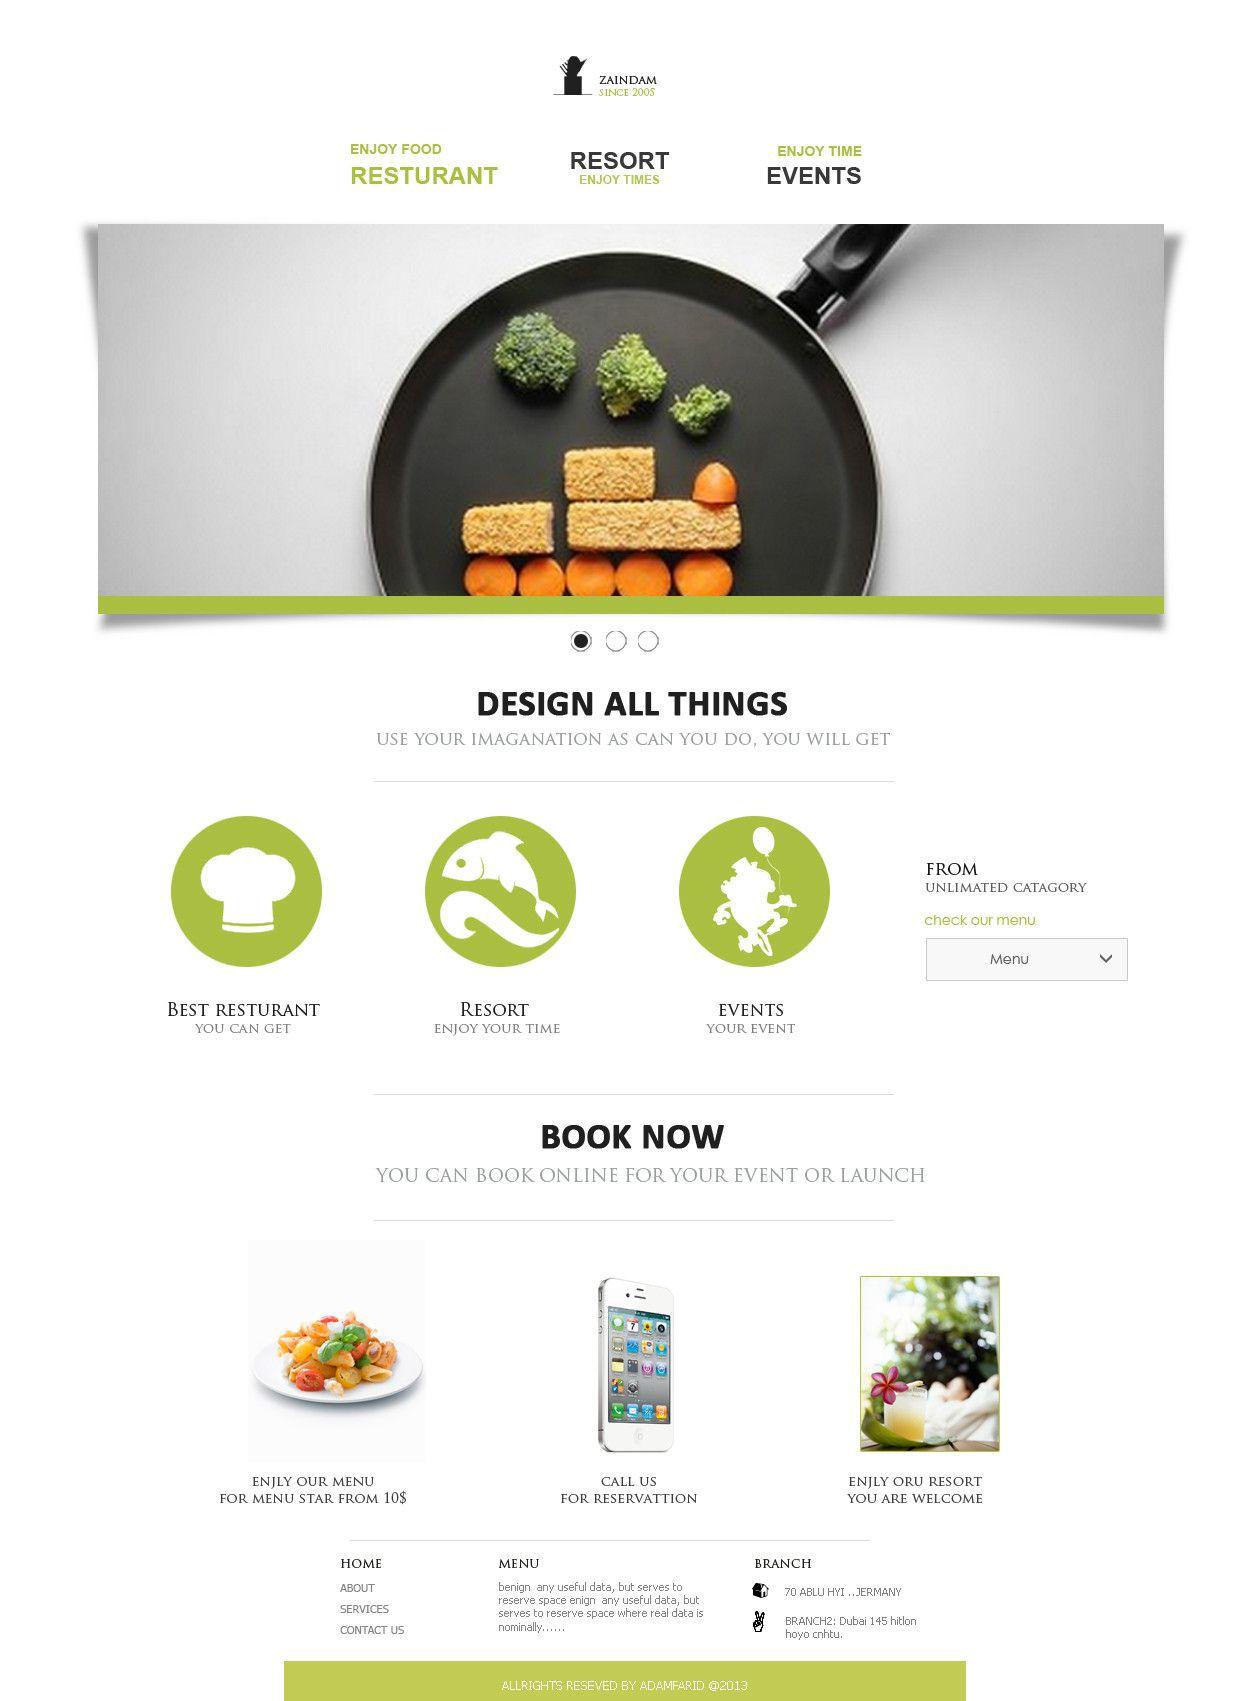 Restaurant Web Design   by adamfarid - 6972